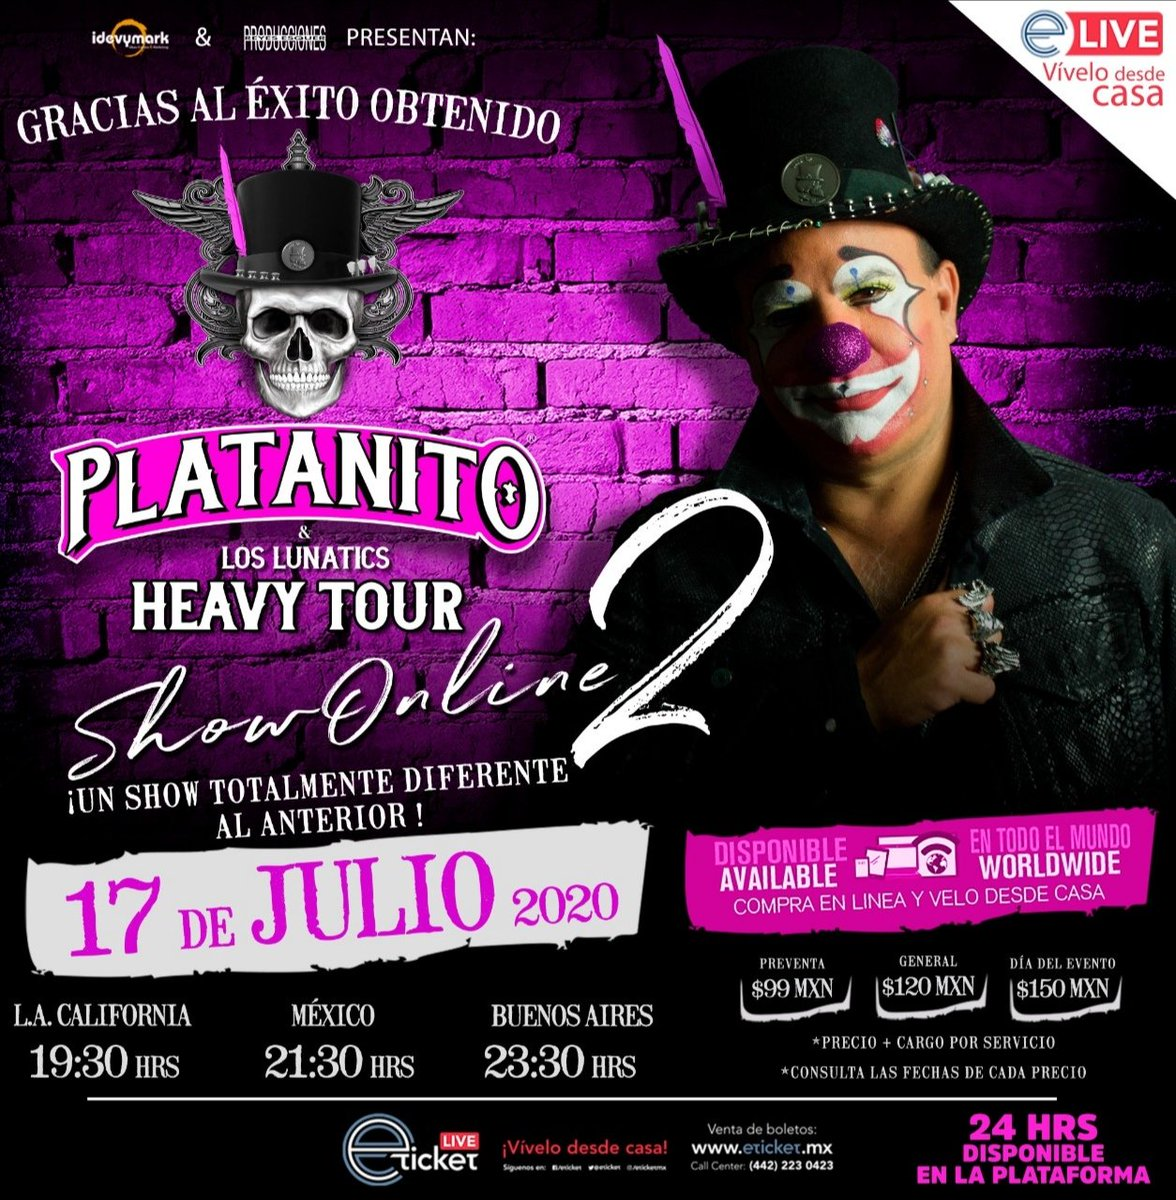 """Aaay Weey! queridos amigos, debido al gran éxito que tuvimos el show pasado, PLATANITO HEAVY TOUR online 2 regresa este 17 de Julio con un """"SHOW TOTALMENTE NUEVO"""" al anterior, accesos ya a la venta en 👇: . https://t.co/vJVq0WjoV2 . @eticket  #PlatanitoHeavyTour2 #PlatanitoShow https://t.co/Aan7miJa0d"""